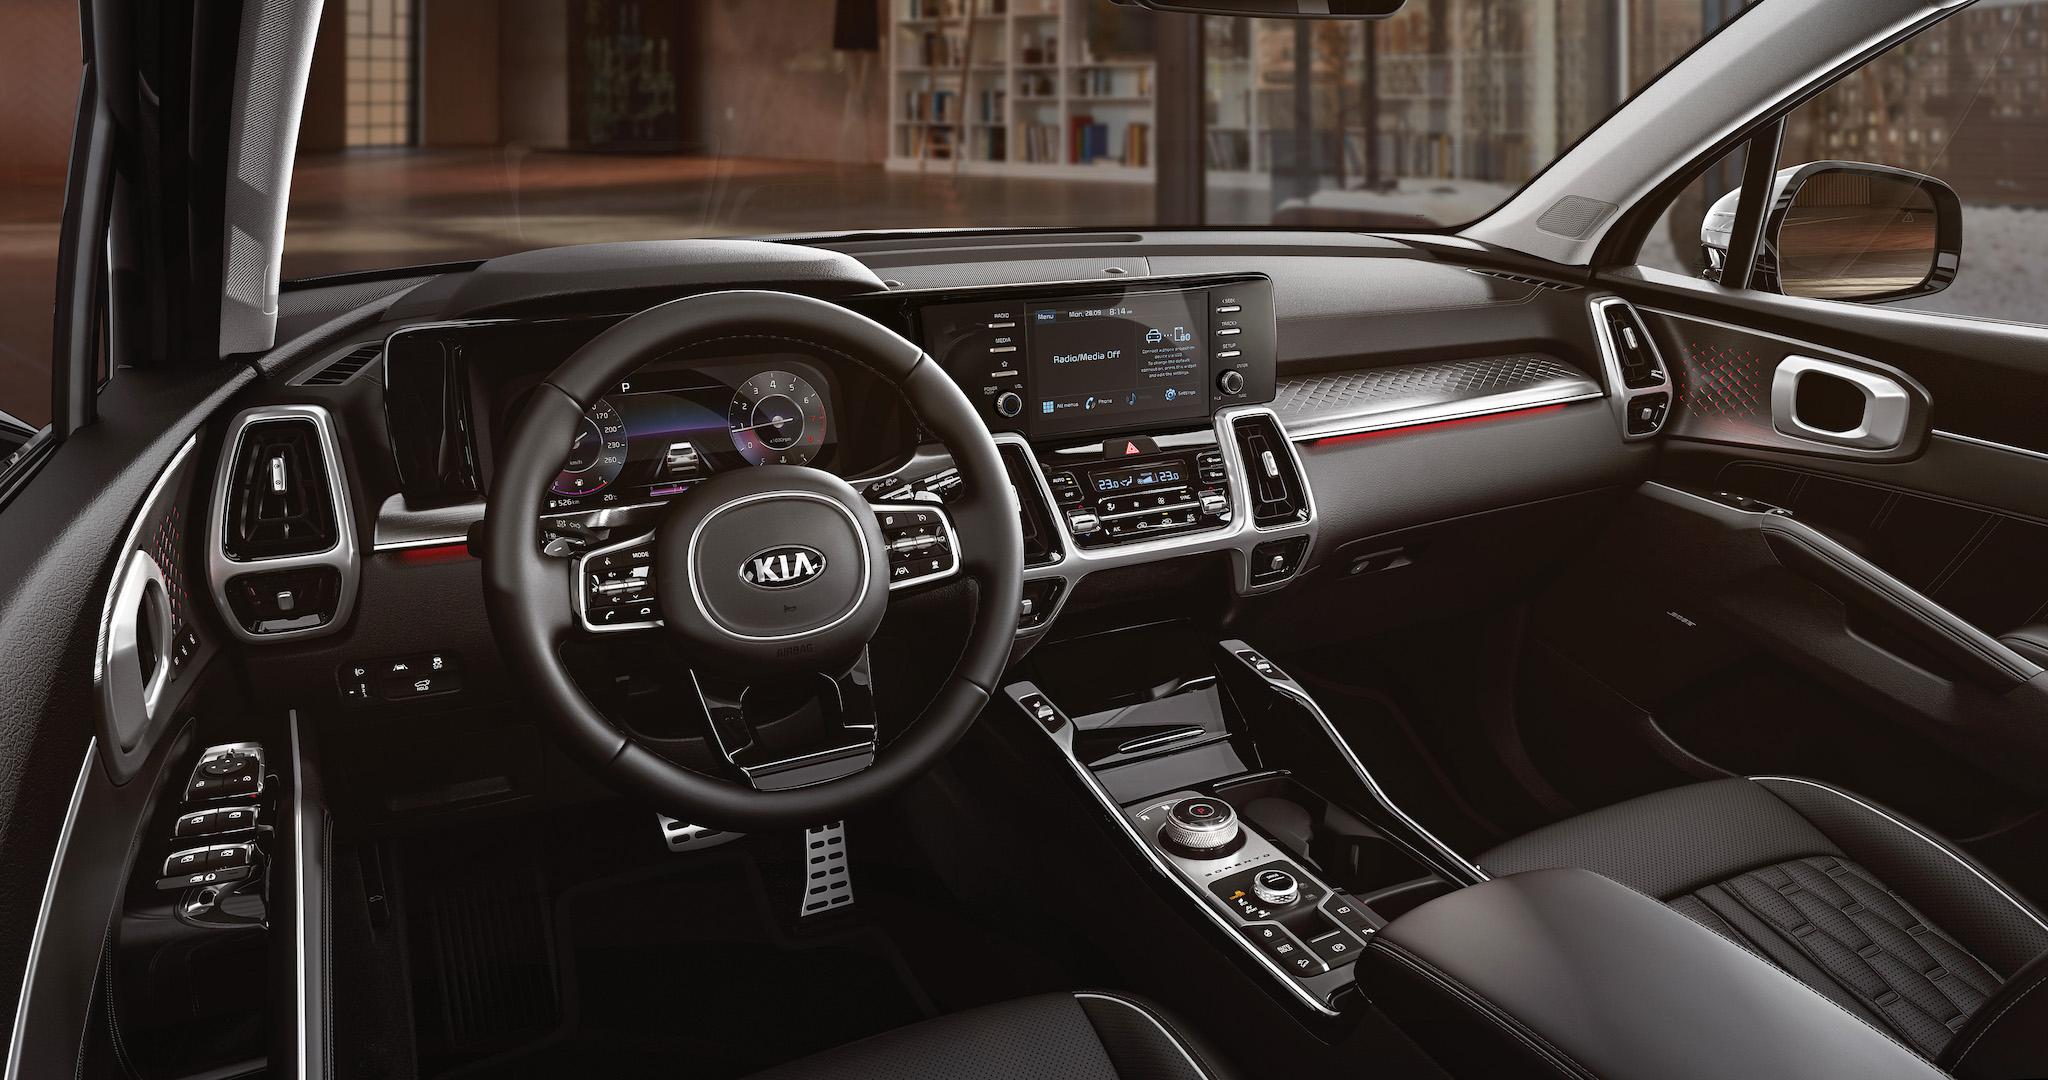 科技化車艙氛圍的車室空間搭載 12.3 整合智慧型全數位儀錶板,與駕駛艙中央的8吋多媒體影音觸控螢幕,搭配 E-SHIFT 電子旋鈕排檔。